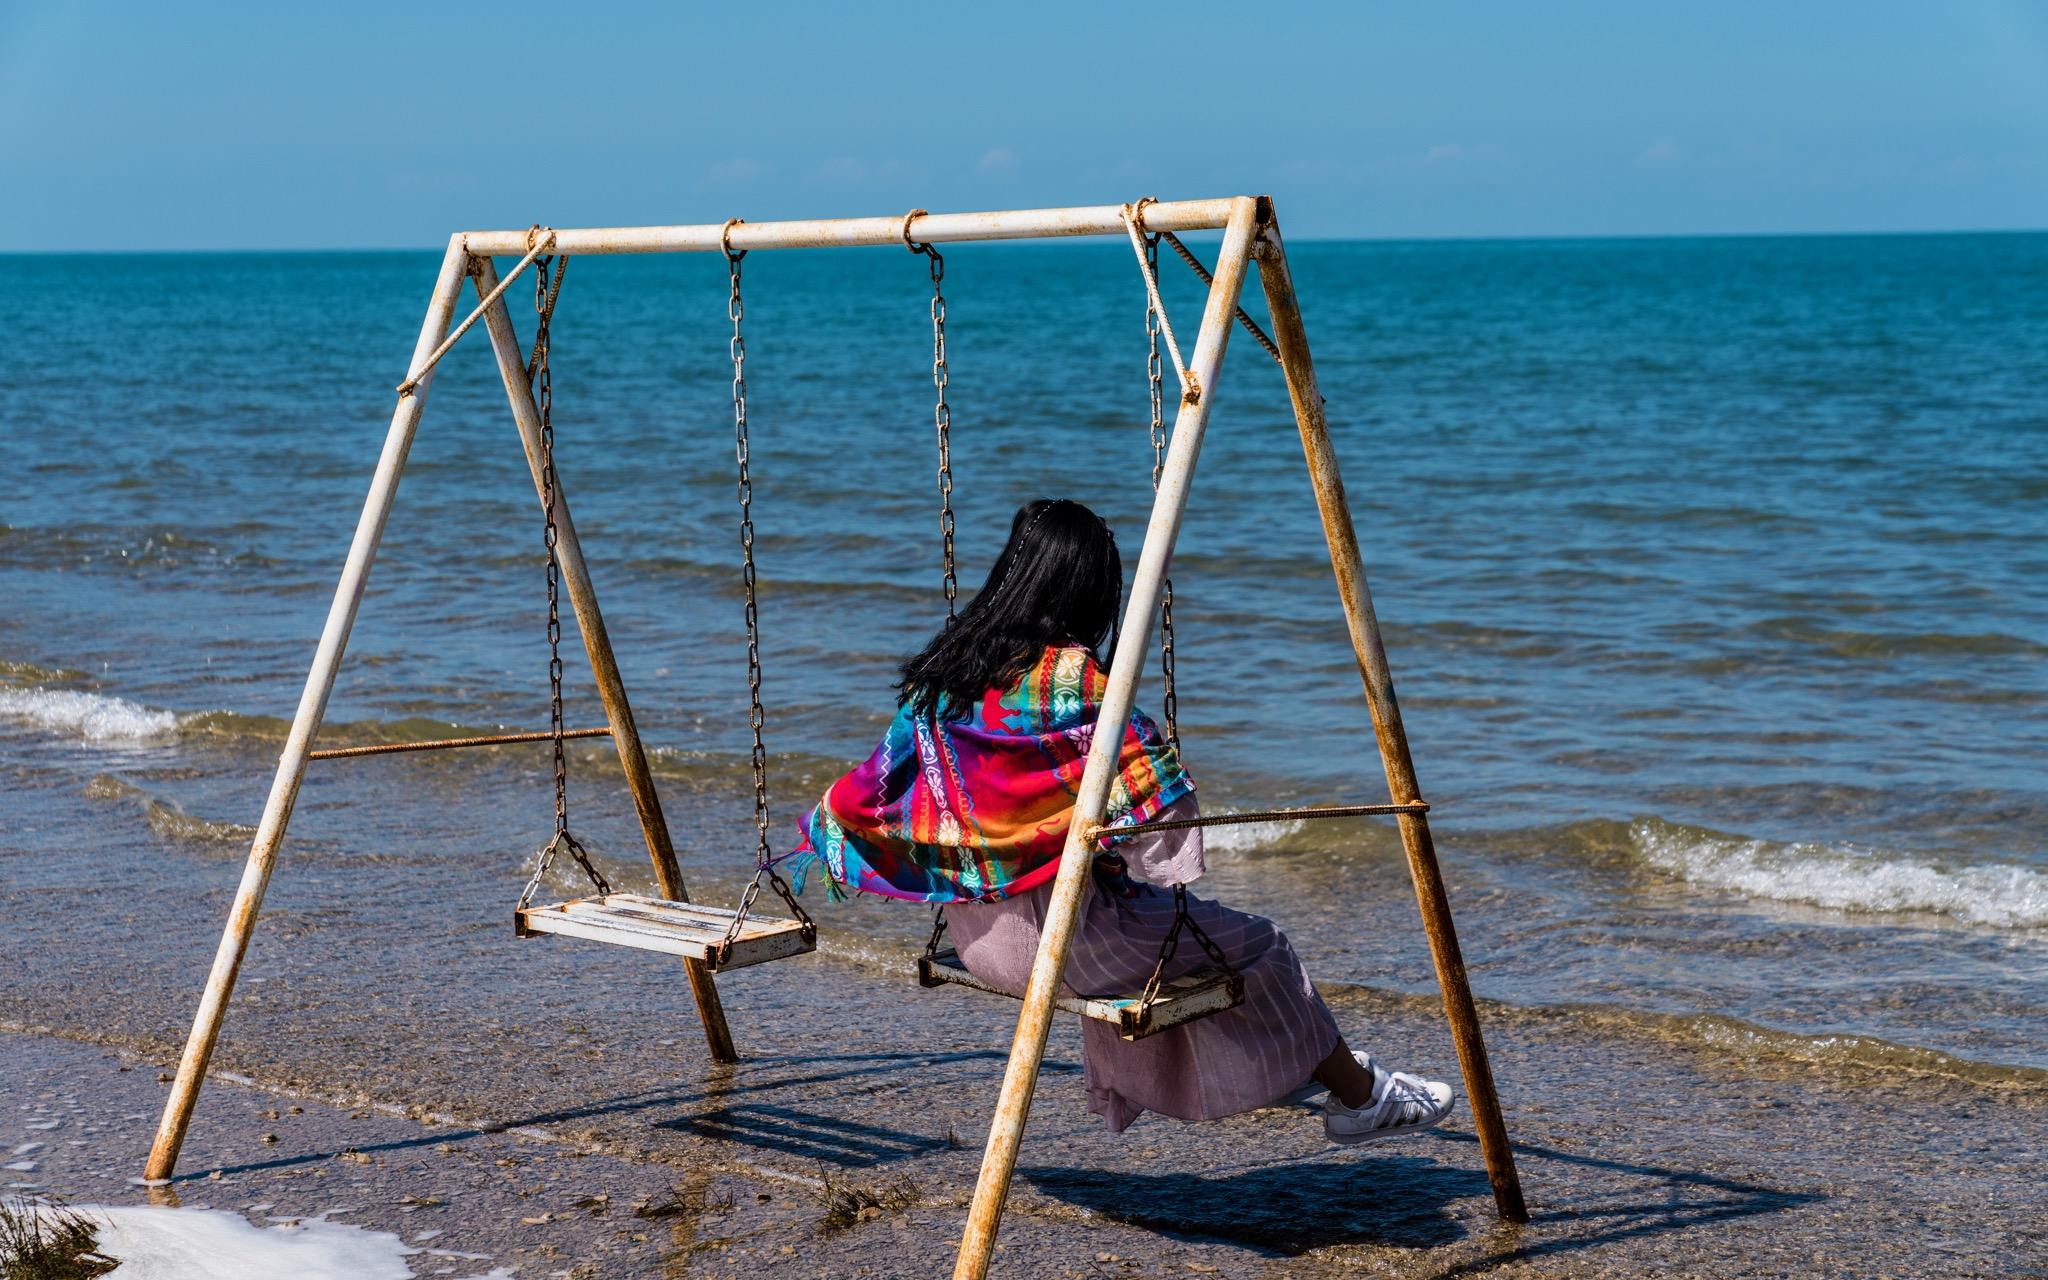 青海湖边荡秋千的女孩